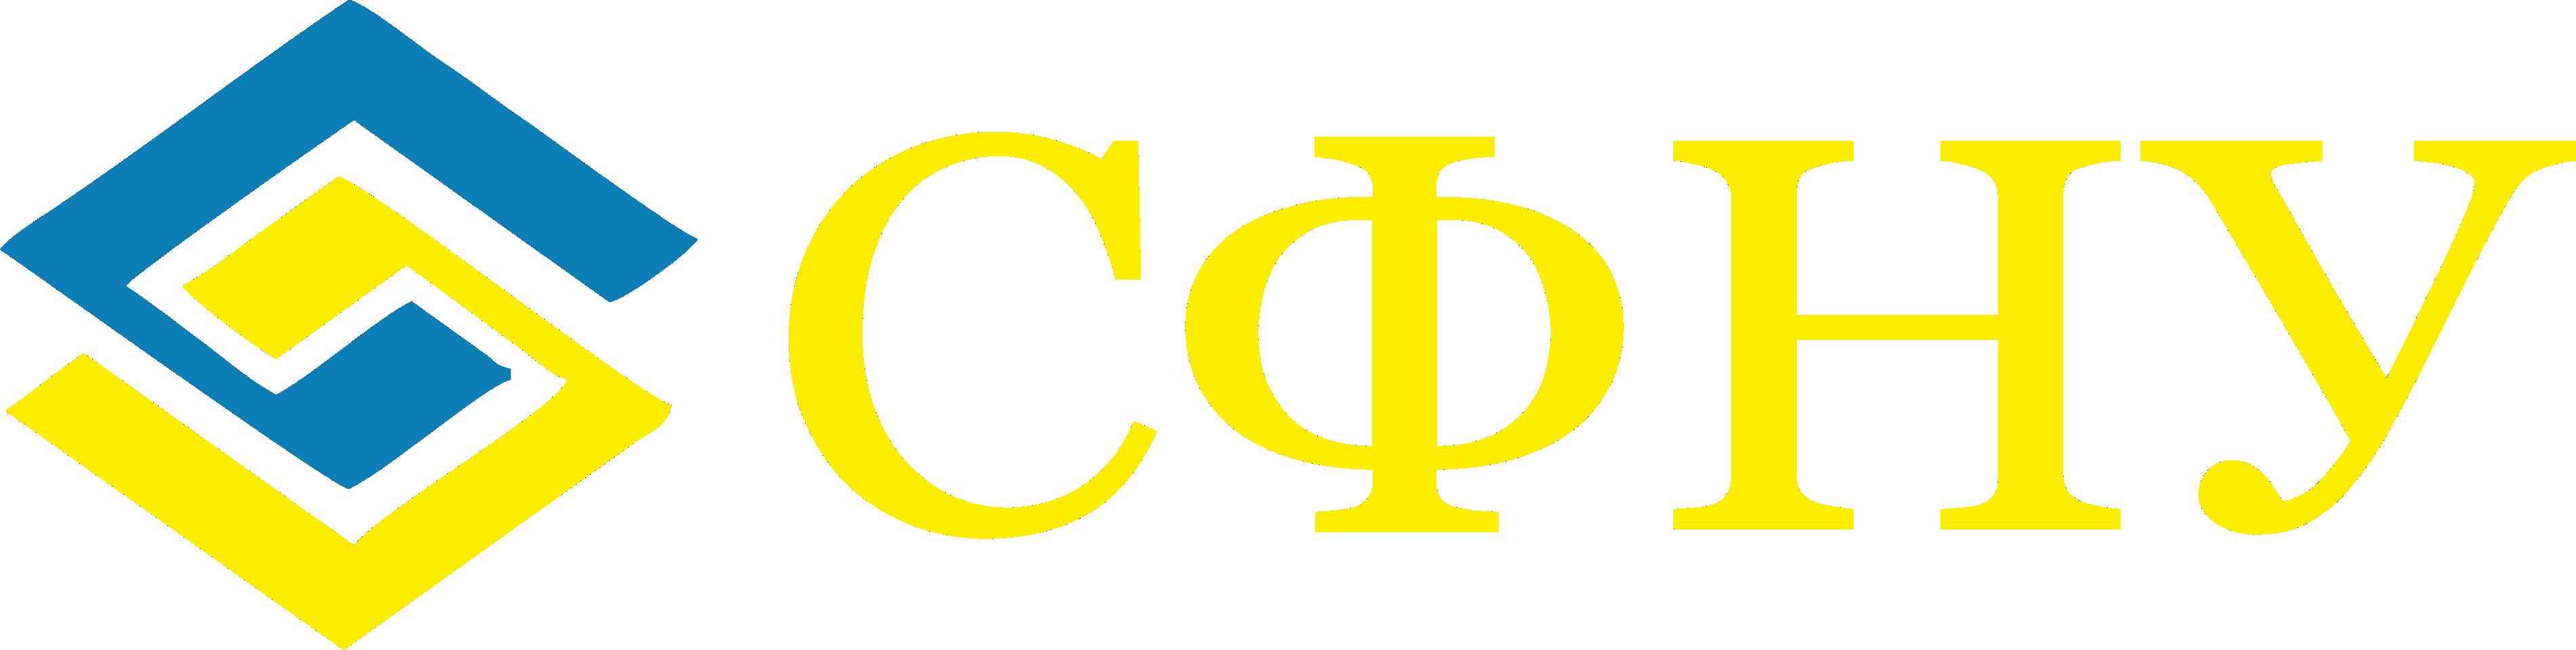 sfnu logo